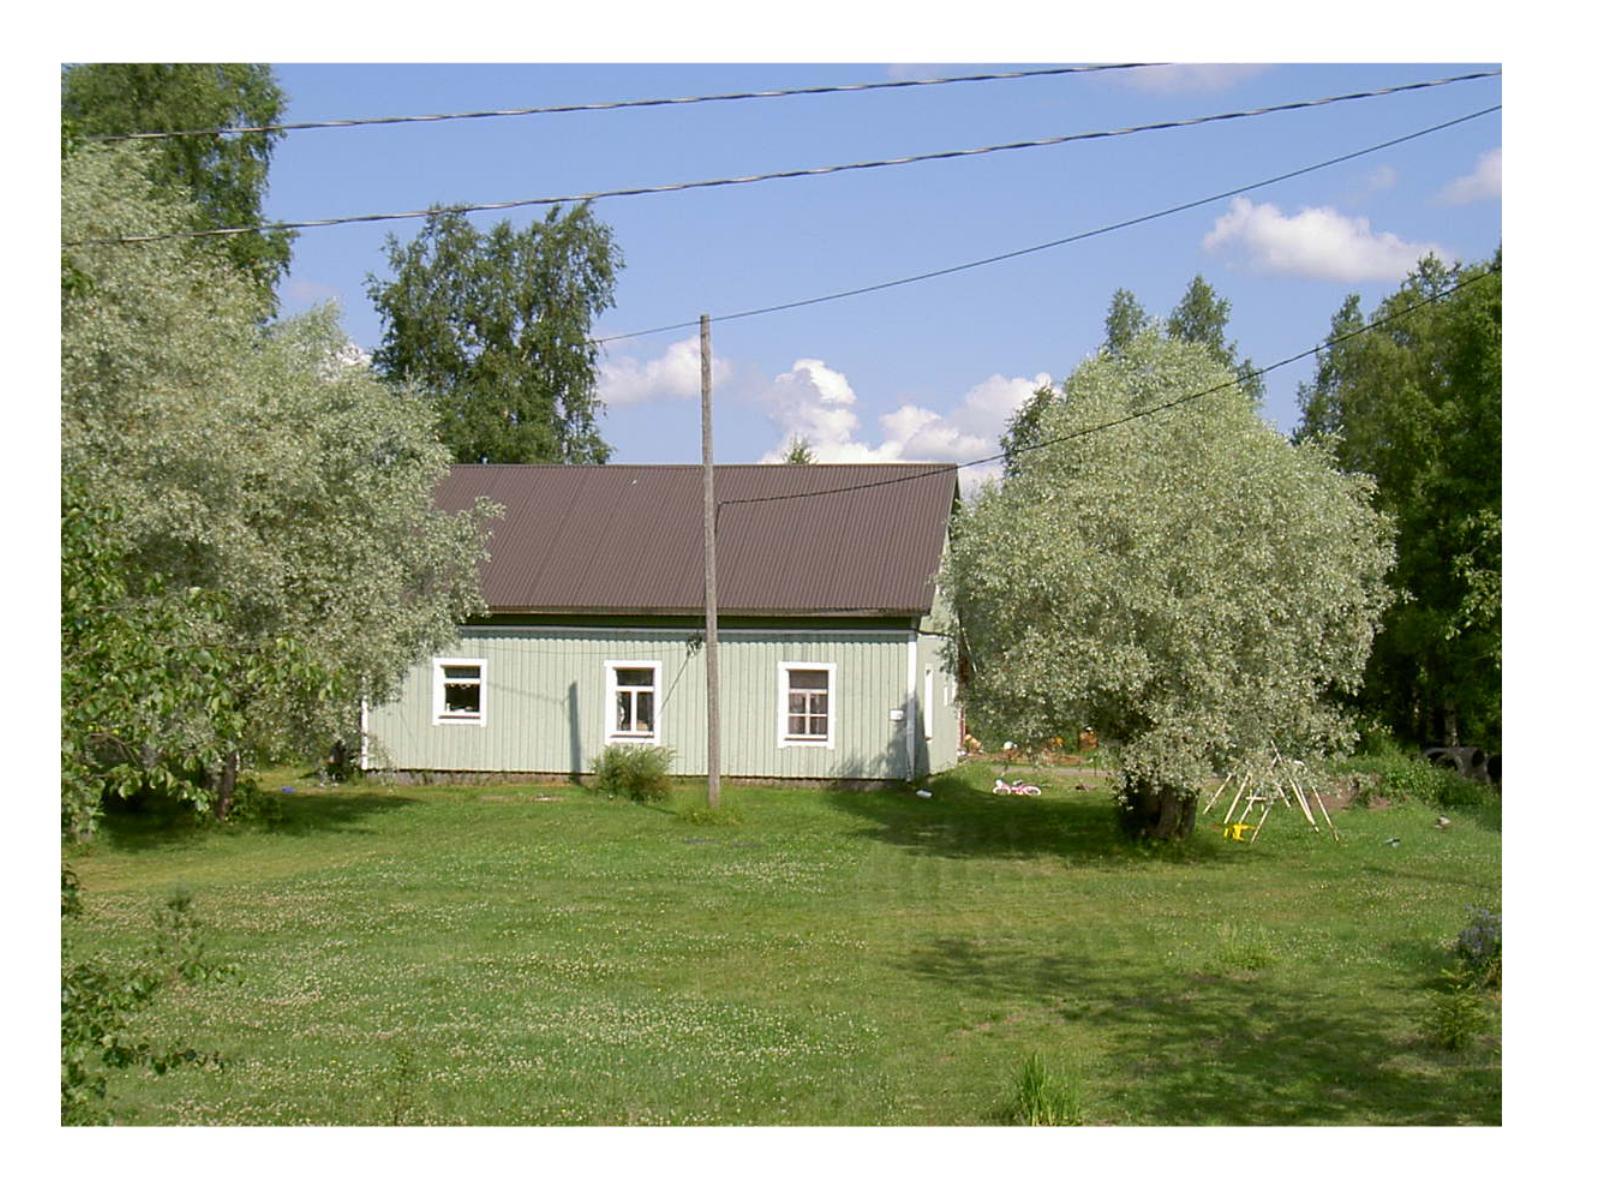 Så här såg Strömberg Selims gård ut från landsvägen år 2003, efter att den blivit grundligt renoverad.